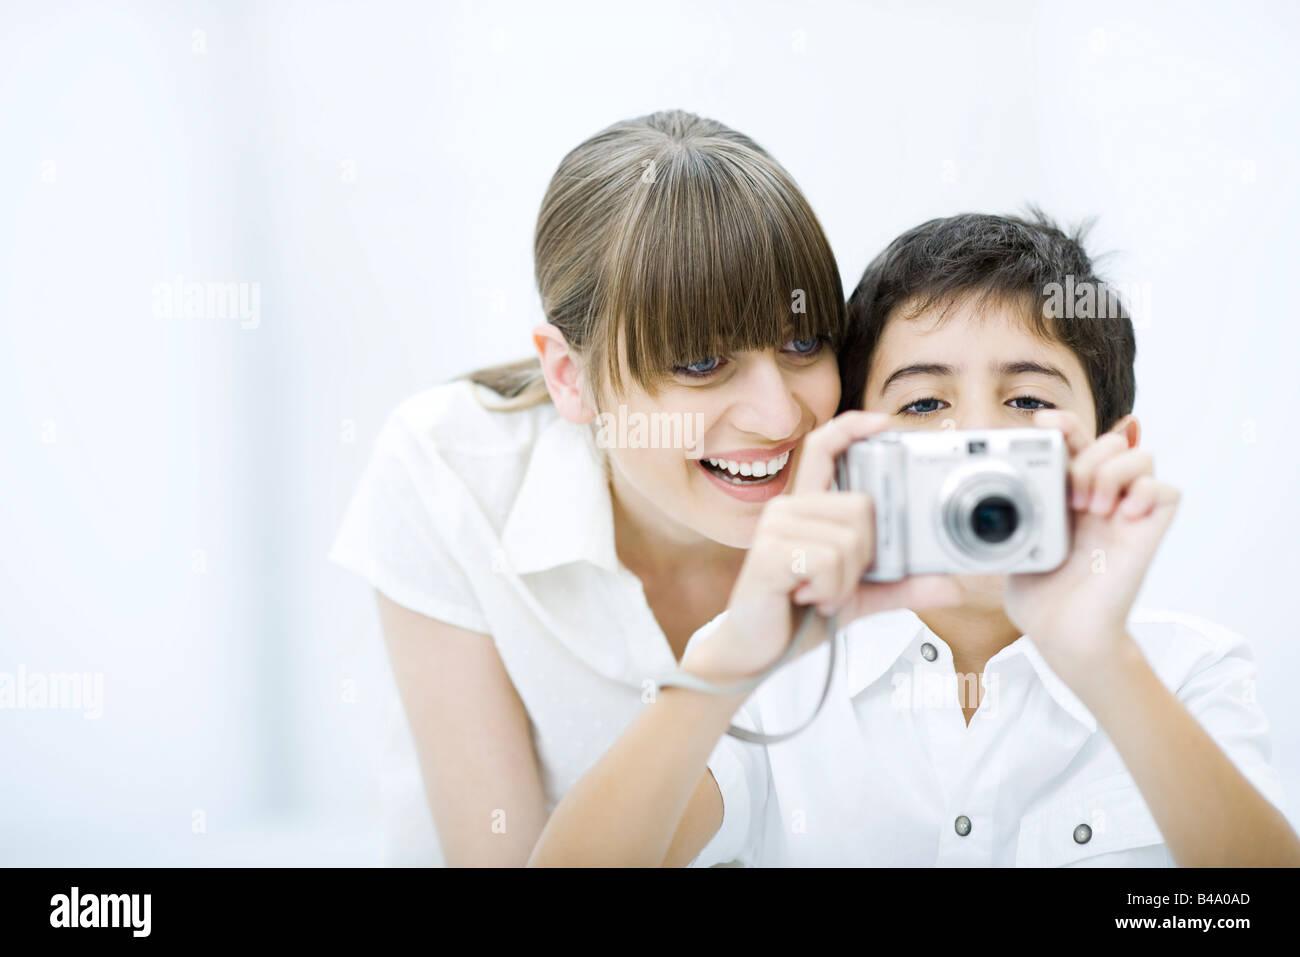 Junge lächelnd unter Bild mit Kamera, Mutter beugte sich über seine Schulter Stockbild